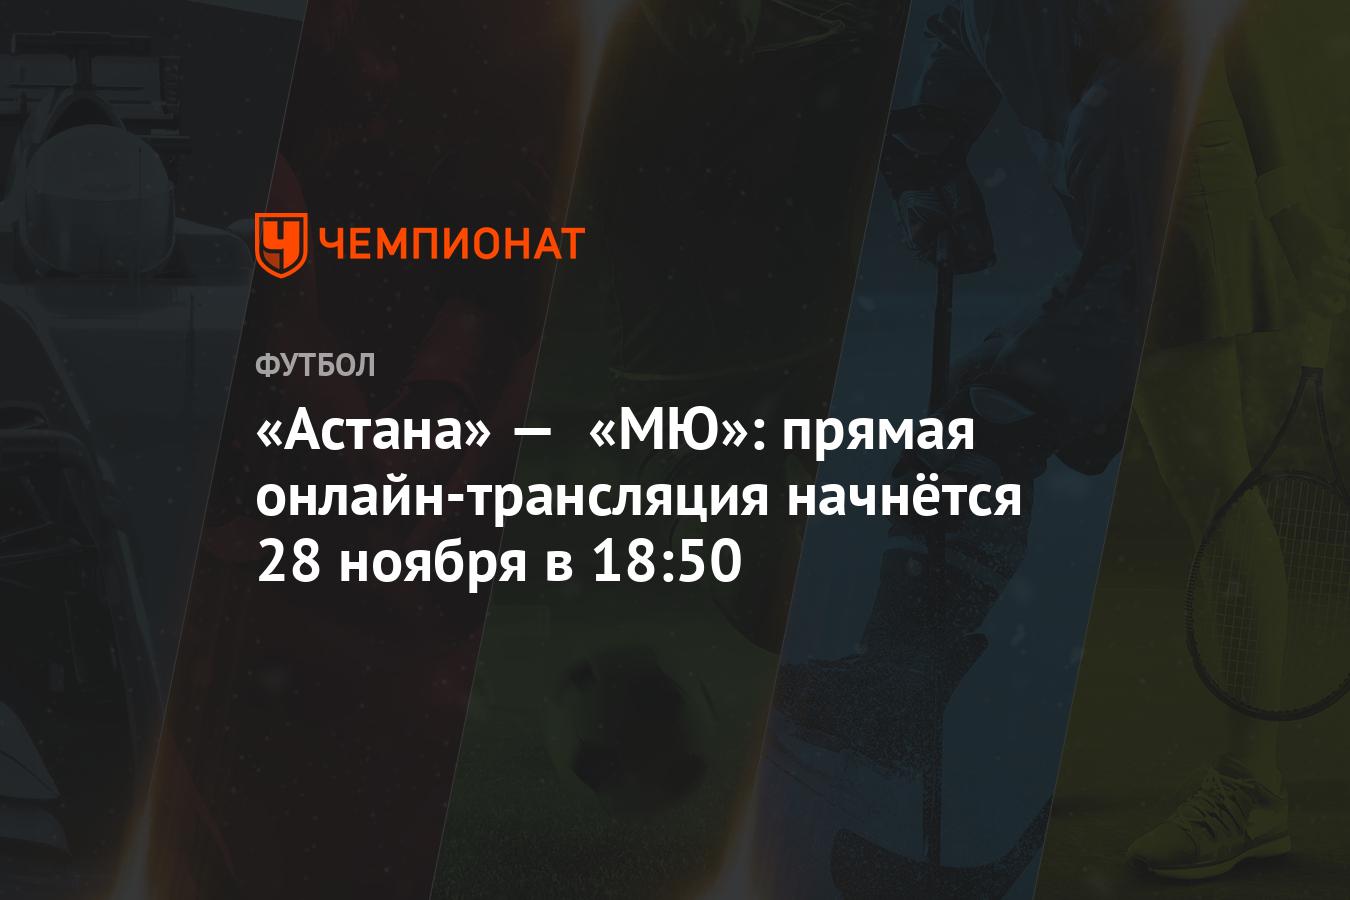 Ювентус удинезе 28. 01 текстоваЯ